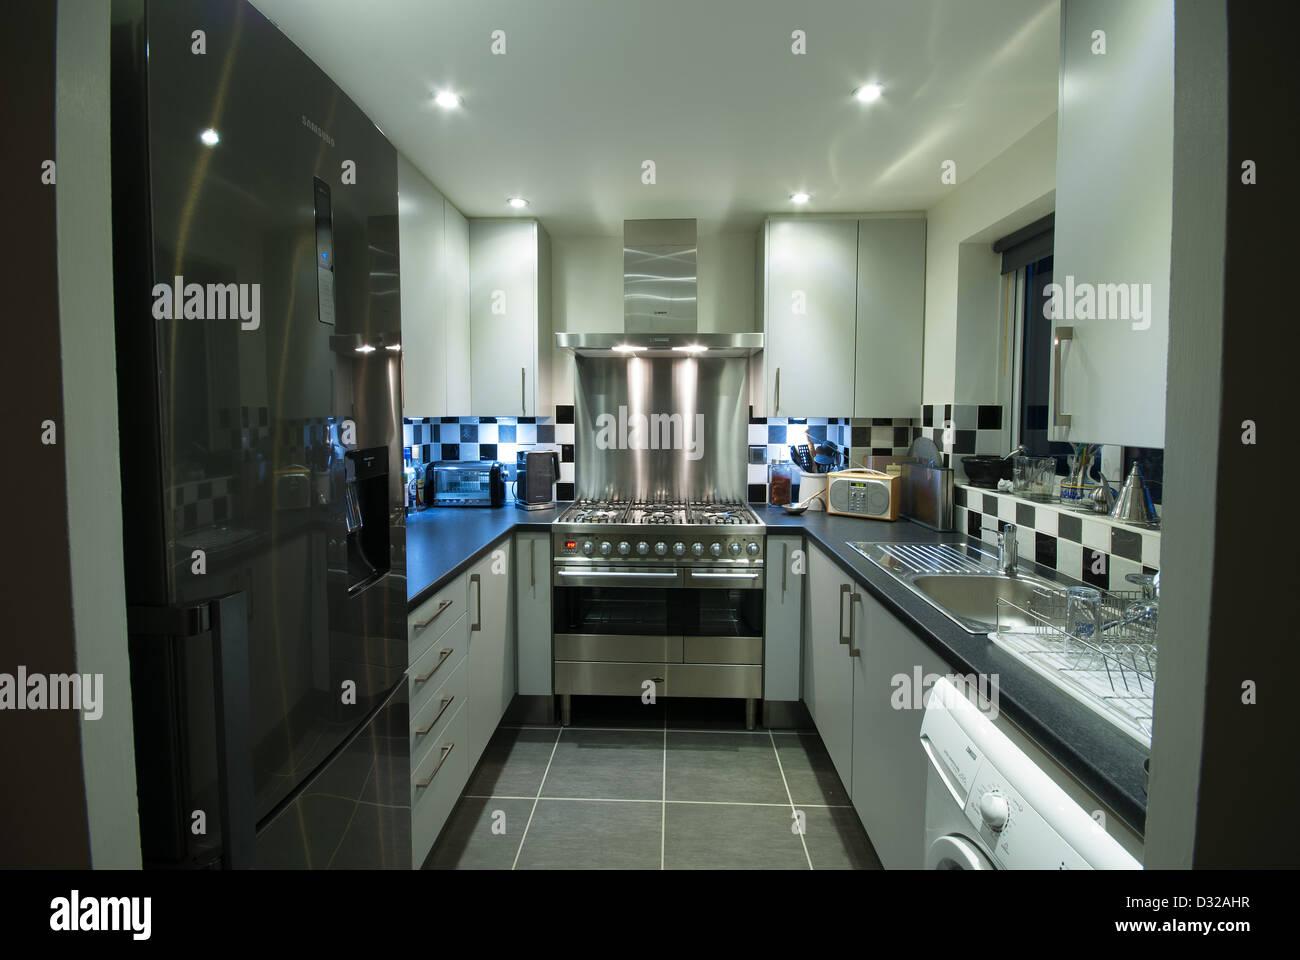 a small, modern domestic kitchen with a fridge-freezer, washing